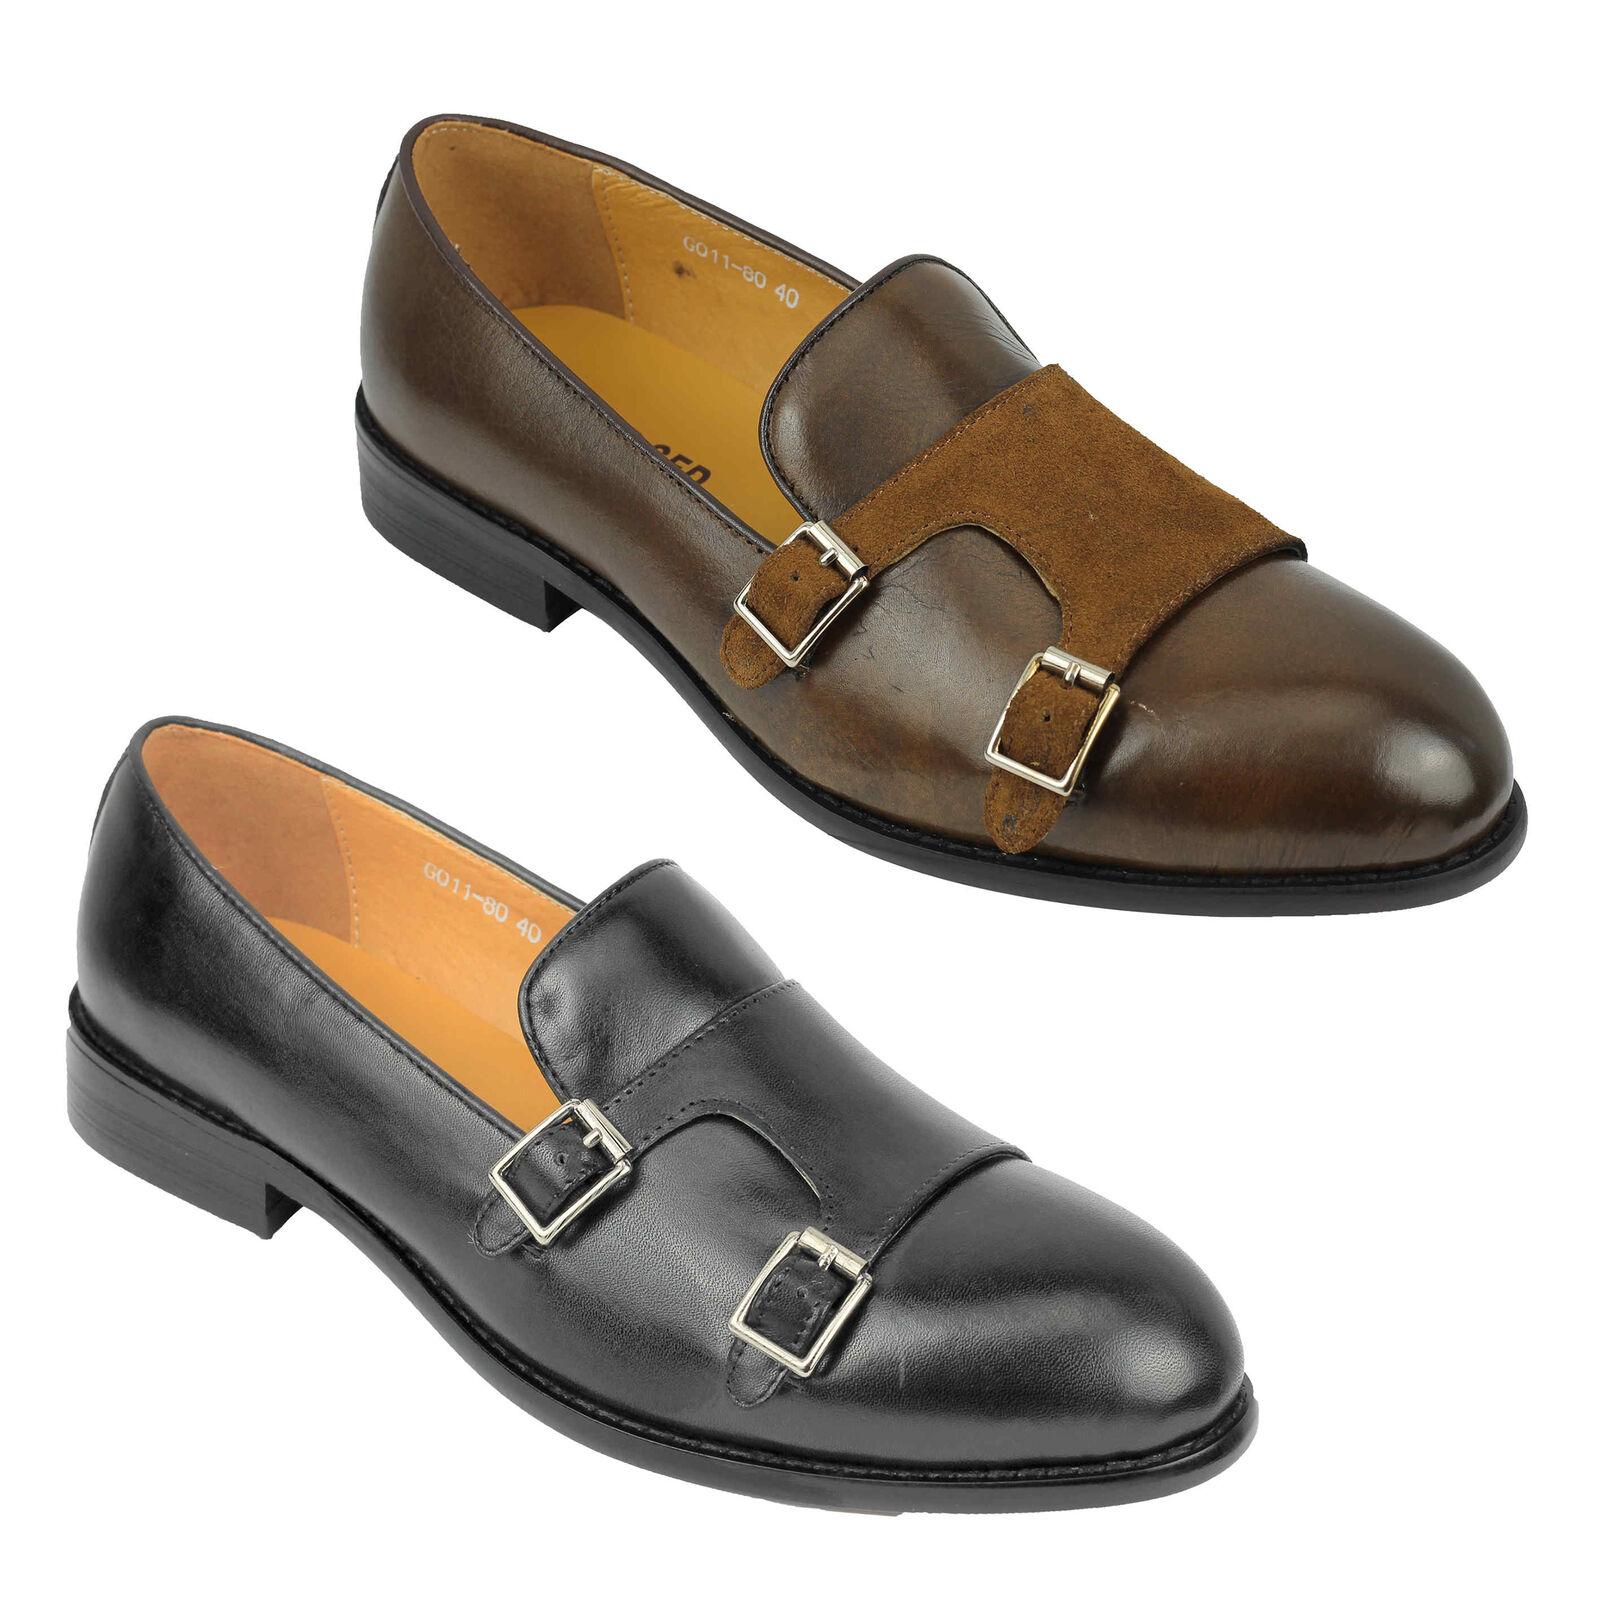 Nuevo Para Hombre Negro Marrón Cuero Real Smart Casual Zapatos monje italiano de diseño de doble